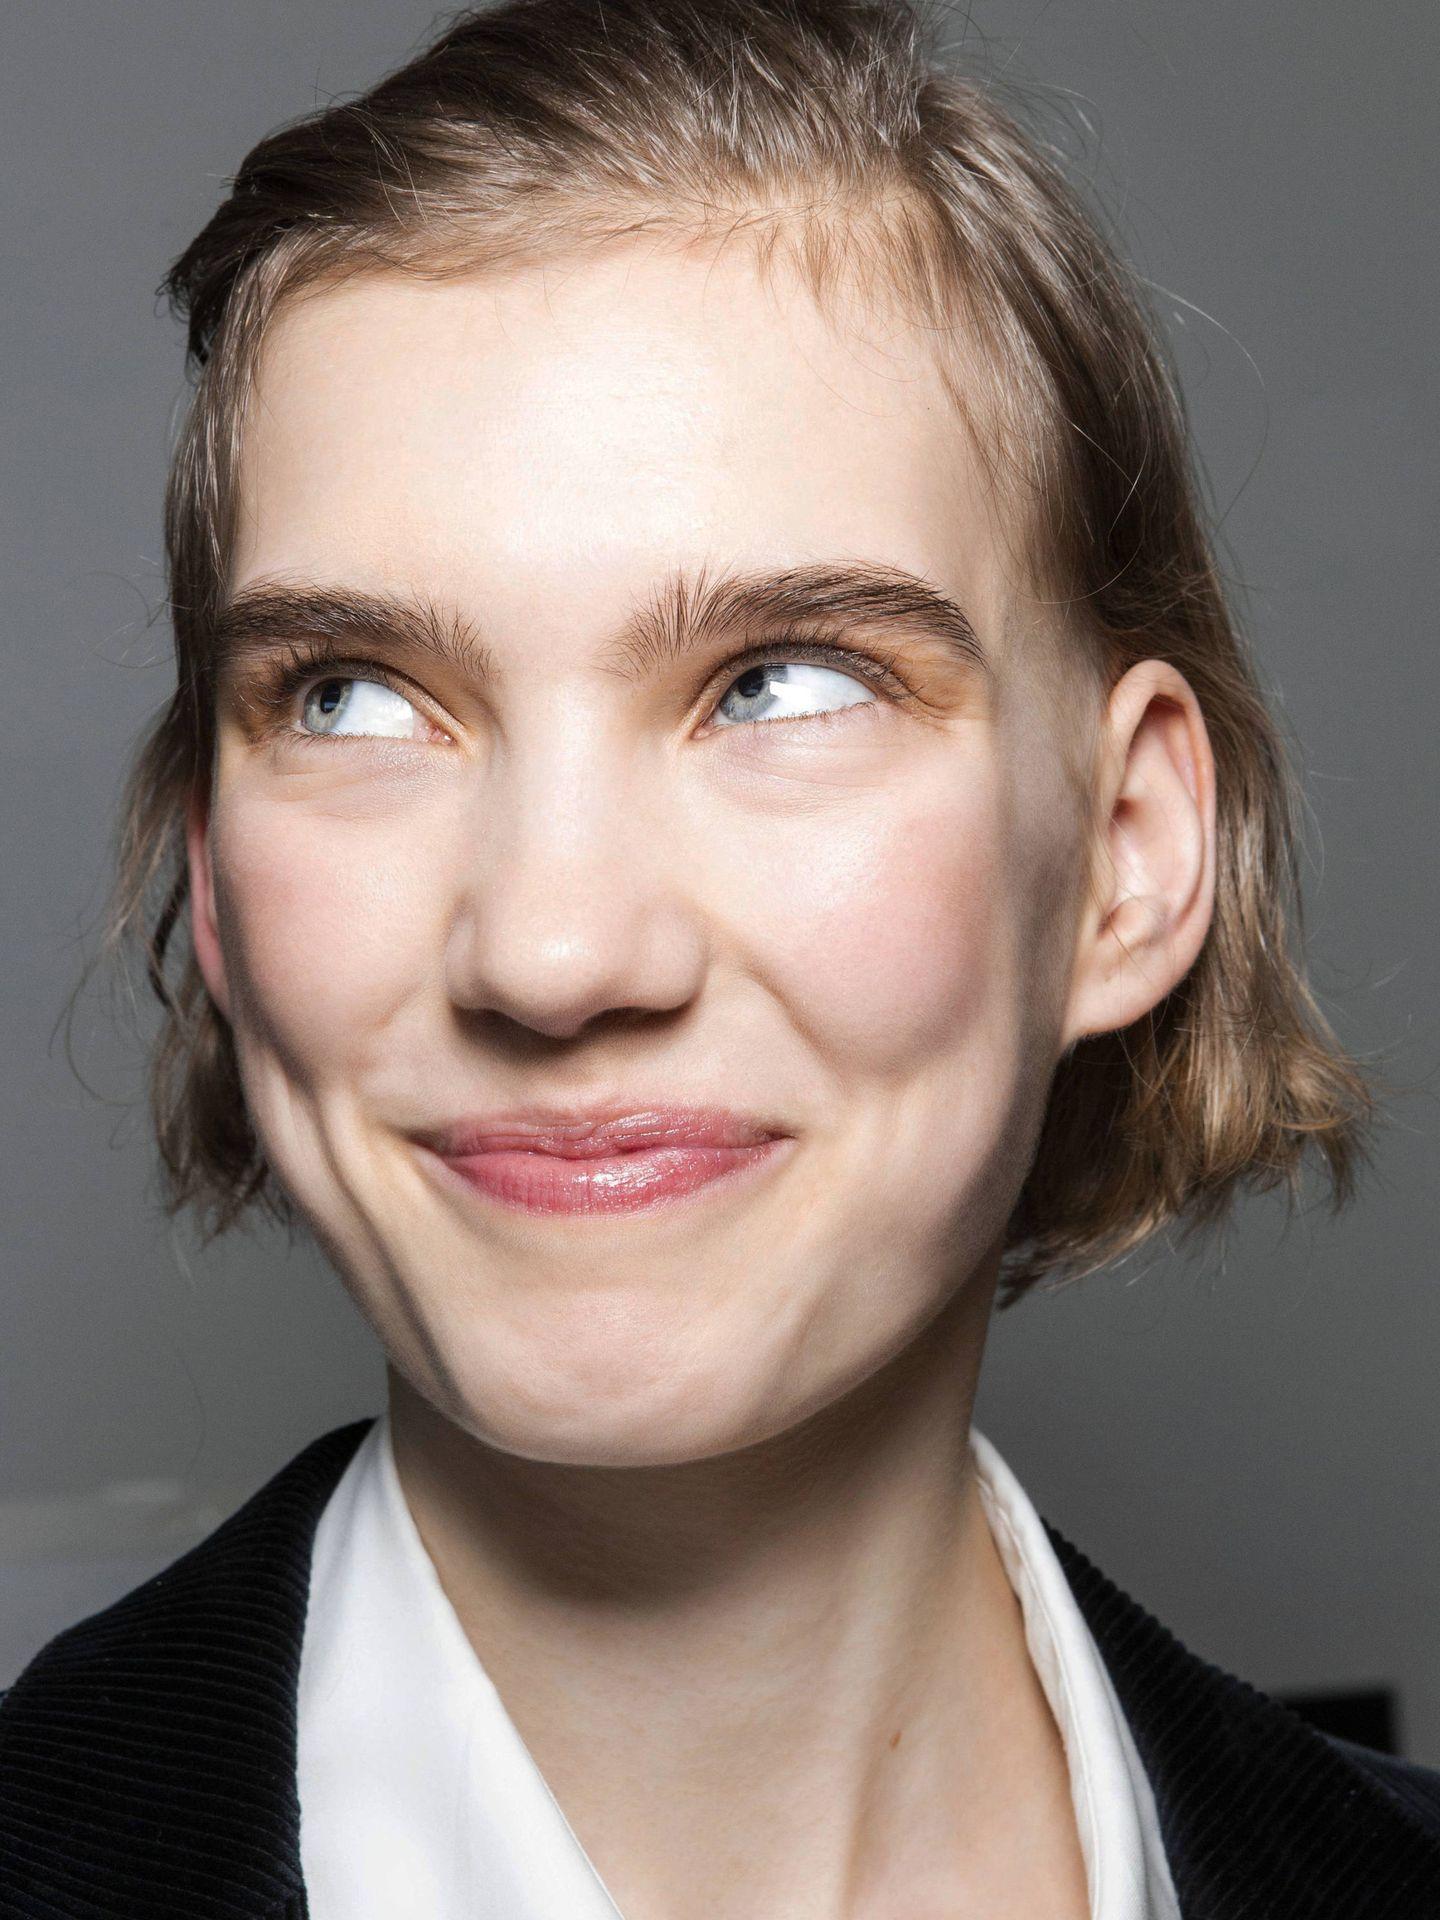 La hiperquinesia puede acelerar la aparición de las arrugas. (Imaxtree)